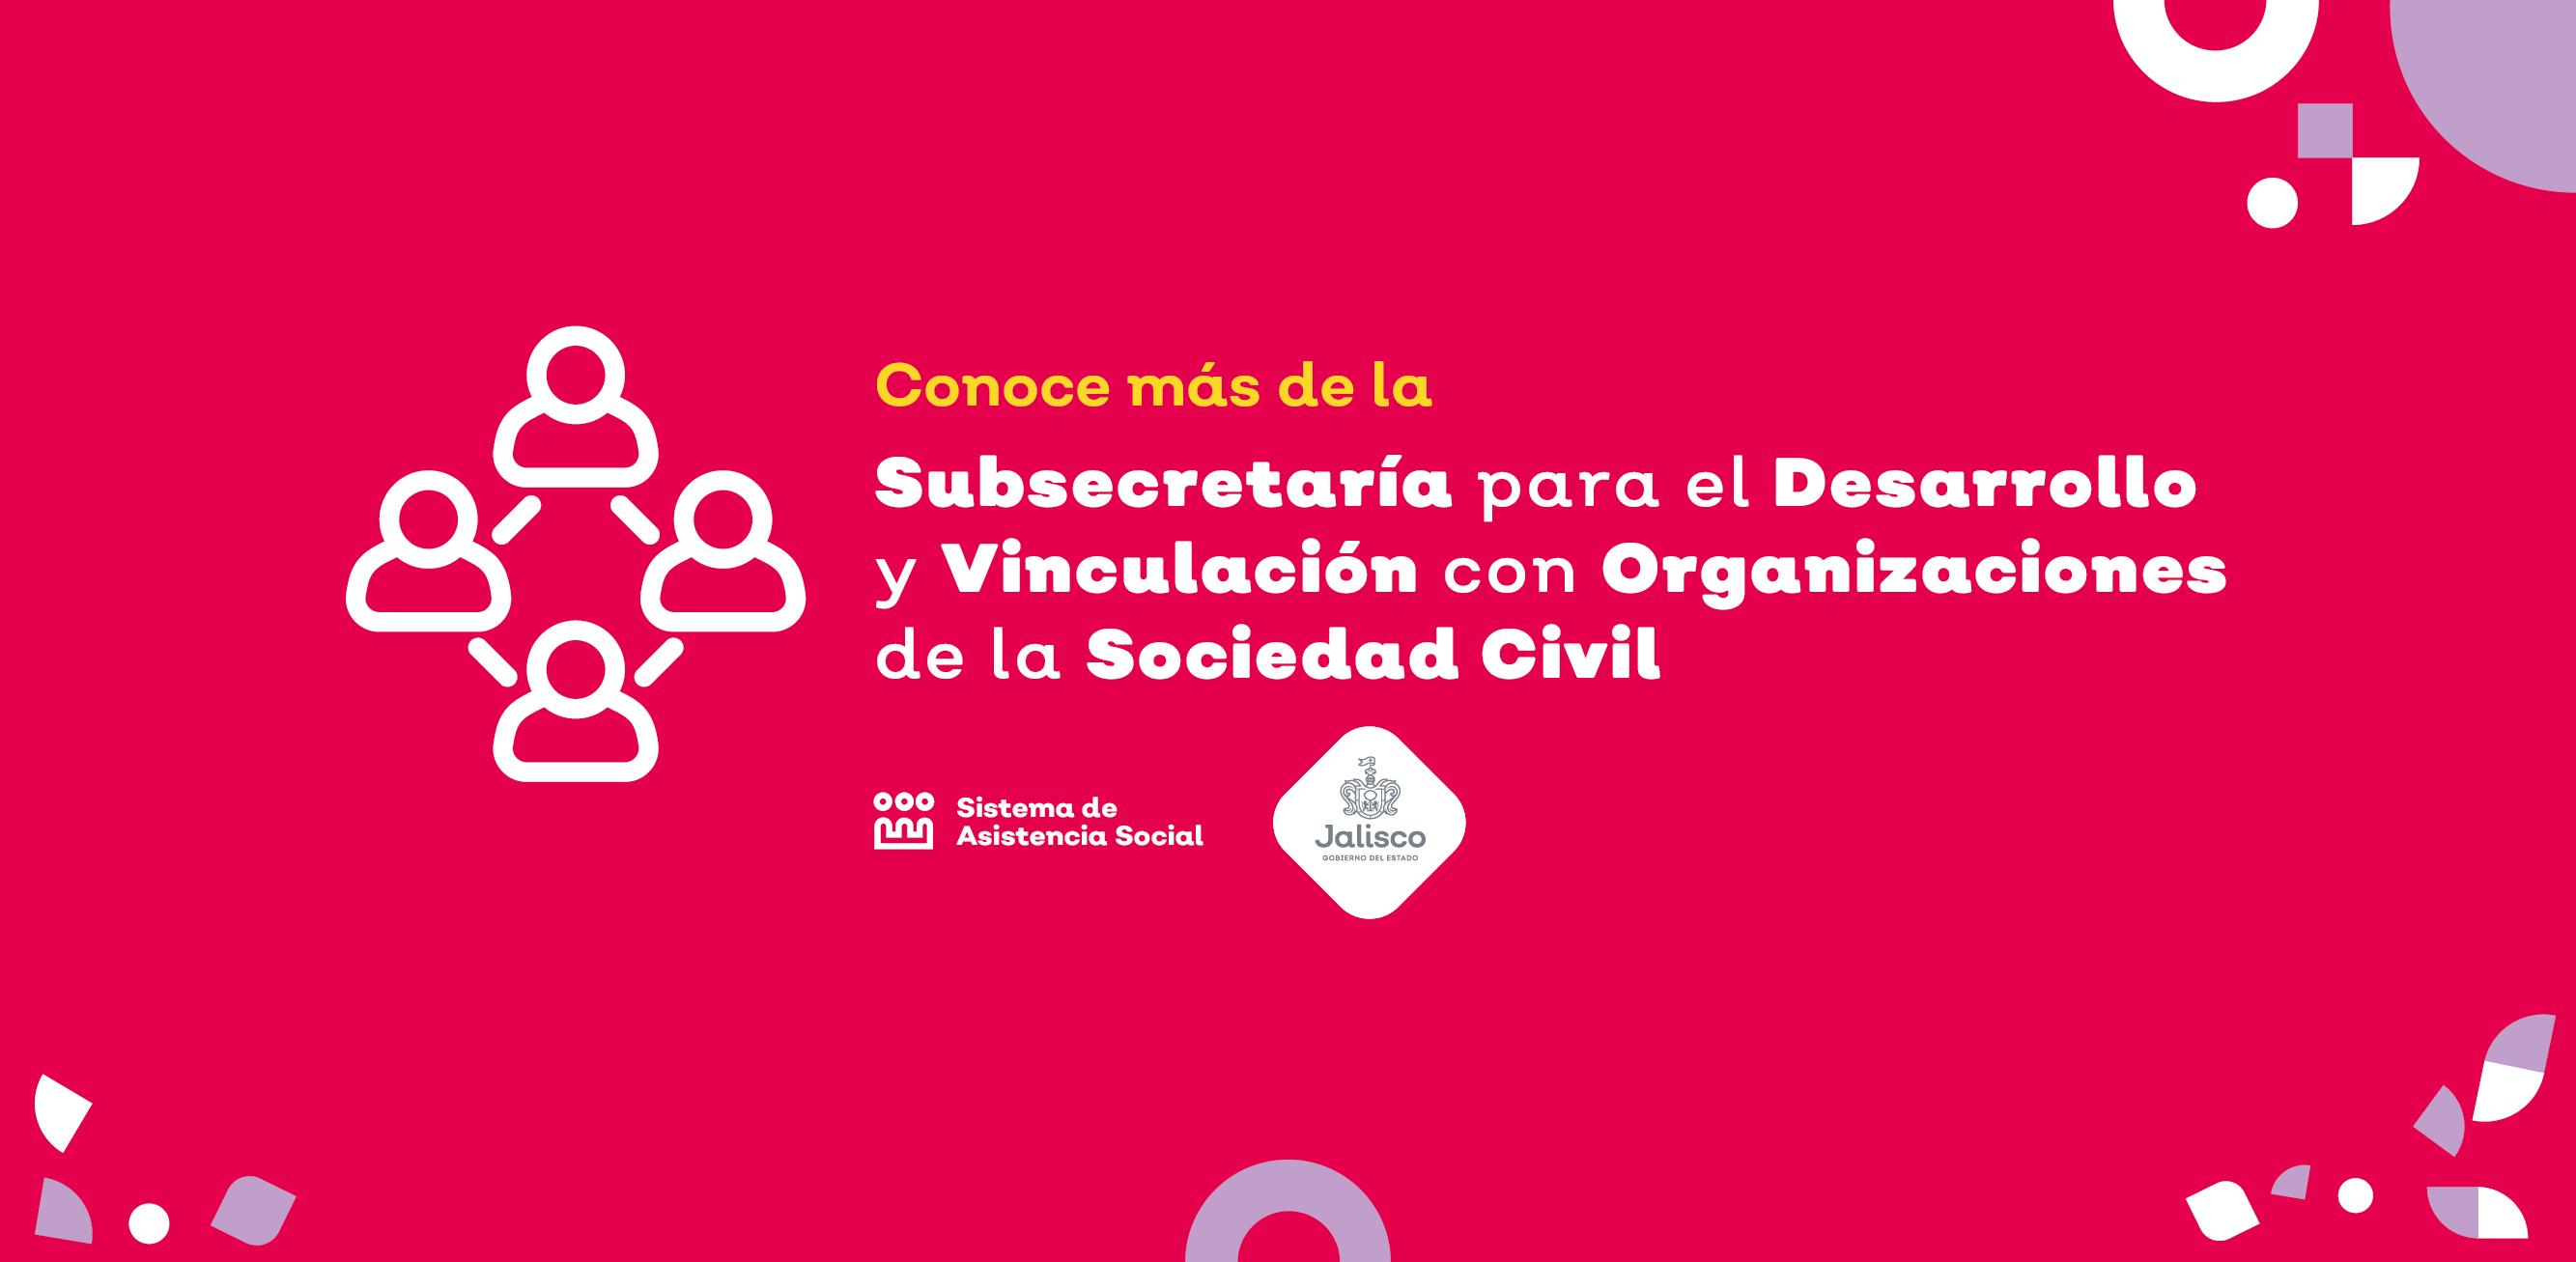 Nuevo Modelo de Atención para Organizaciones de la Sociedad Civil